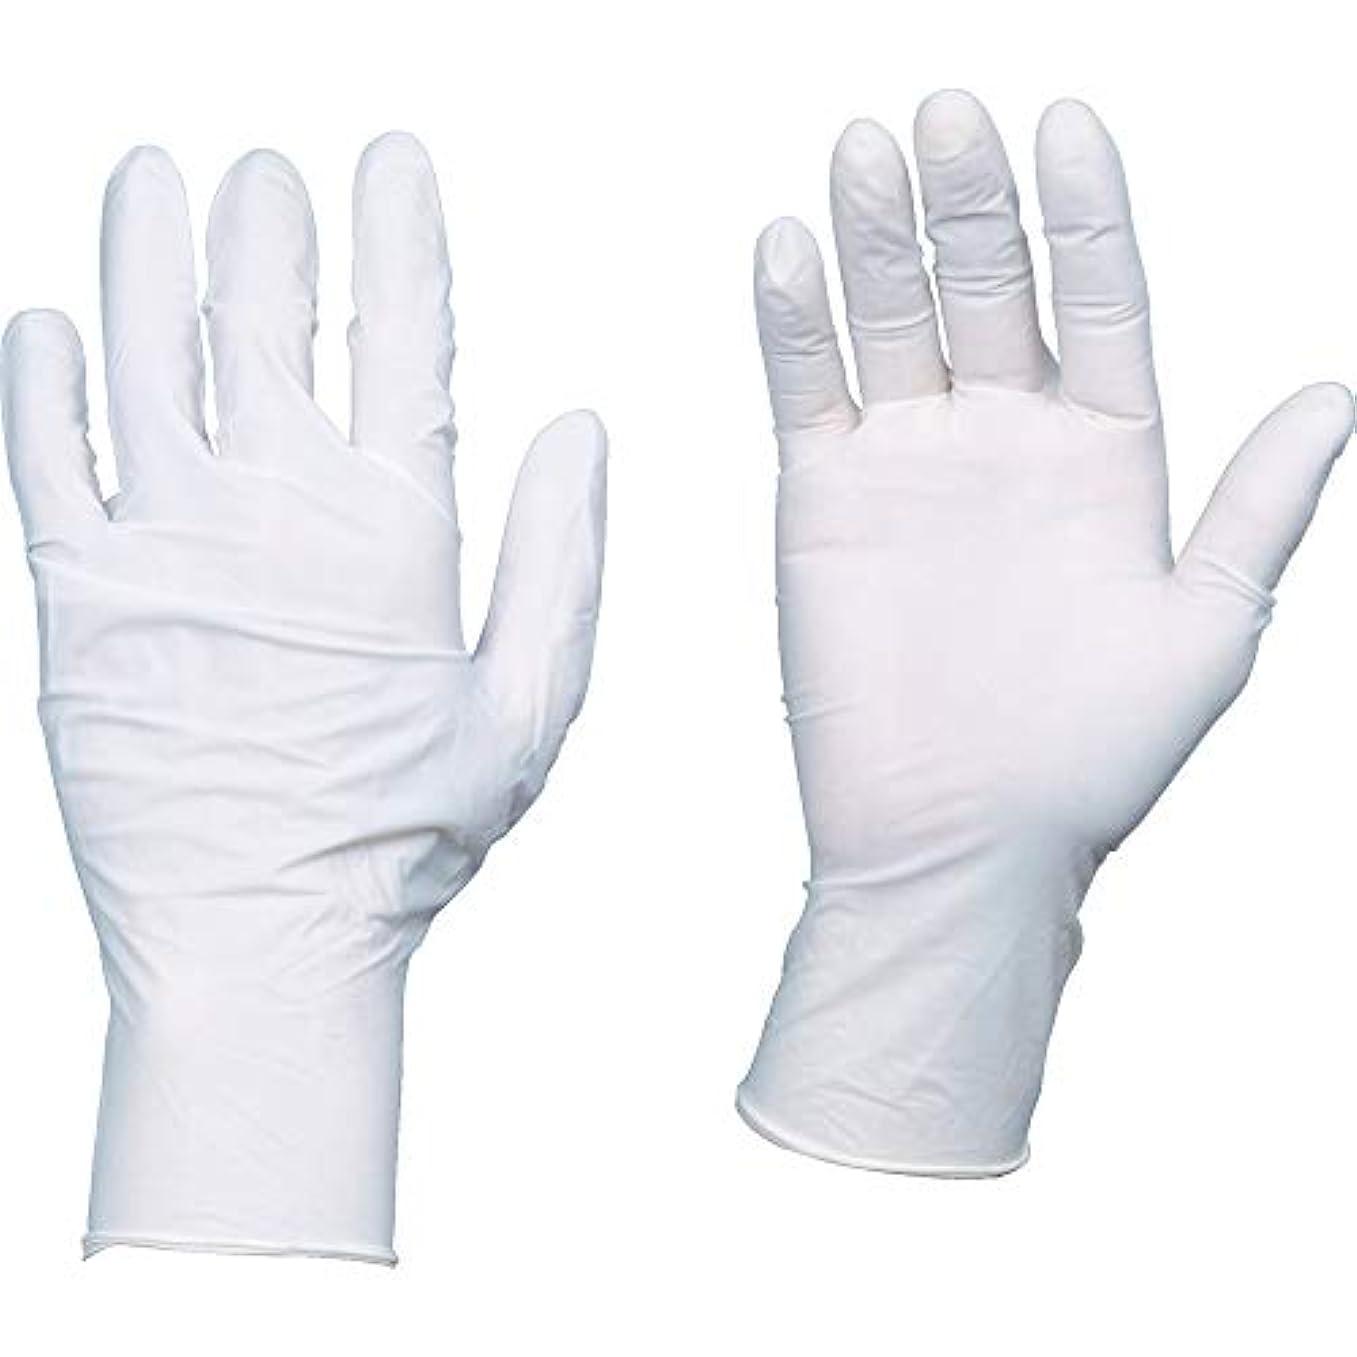 故障中濃度プランテーションTRUSCO(トラスコ) 10箱入り 使い捨て天然ゴム手袋TGワーク 0.10 粉付白M TGPL10WM10C